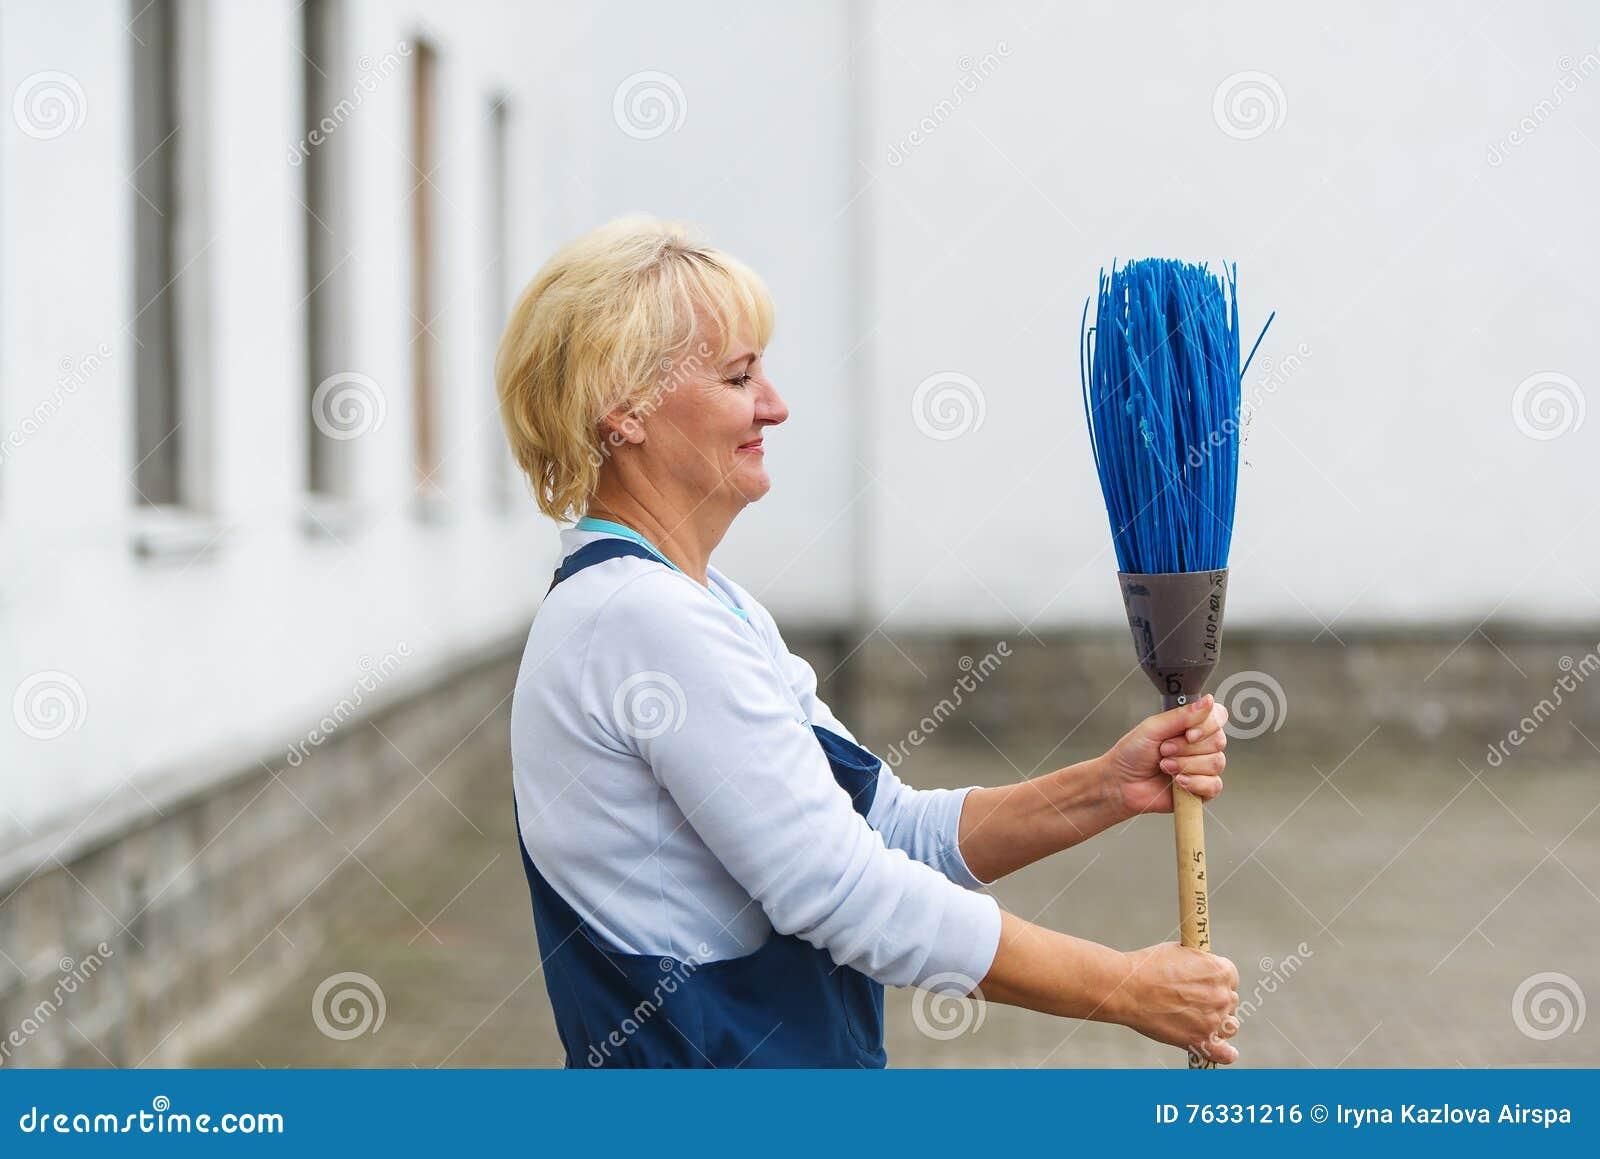 Улица города чистки портрета работника с инструментом веника